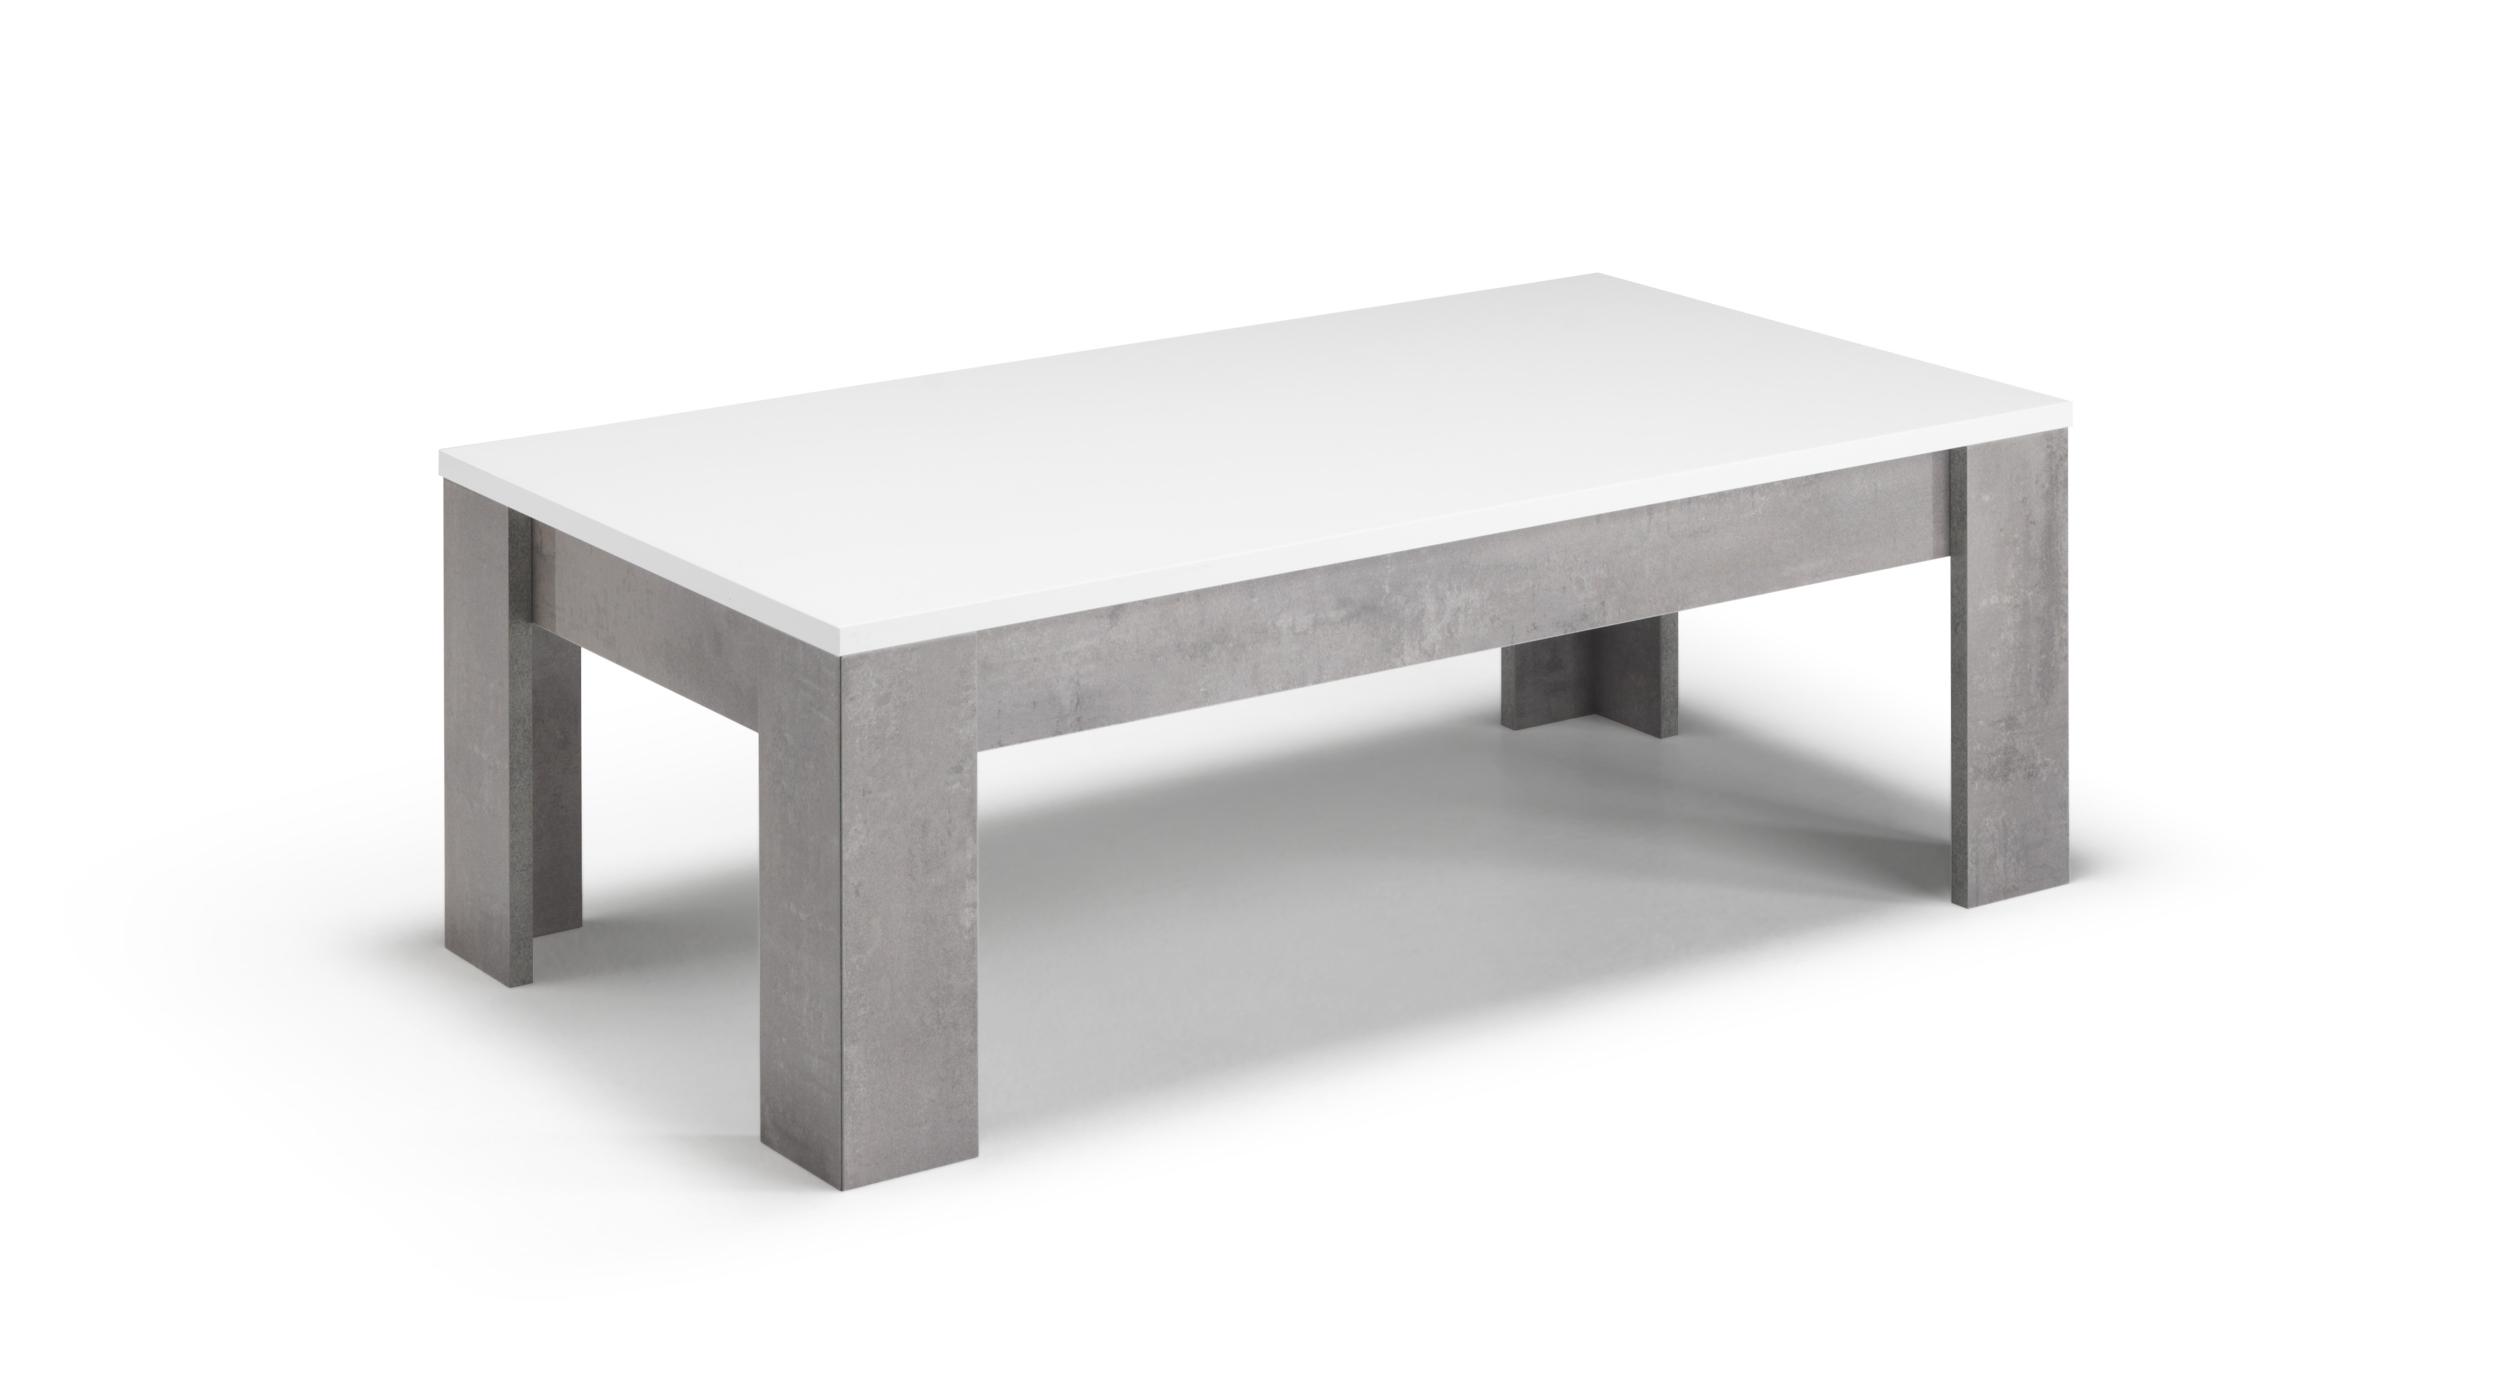 Table basse béton blanc laqué GRETA